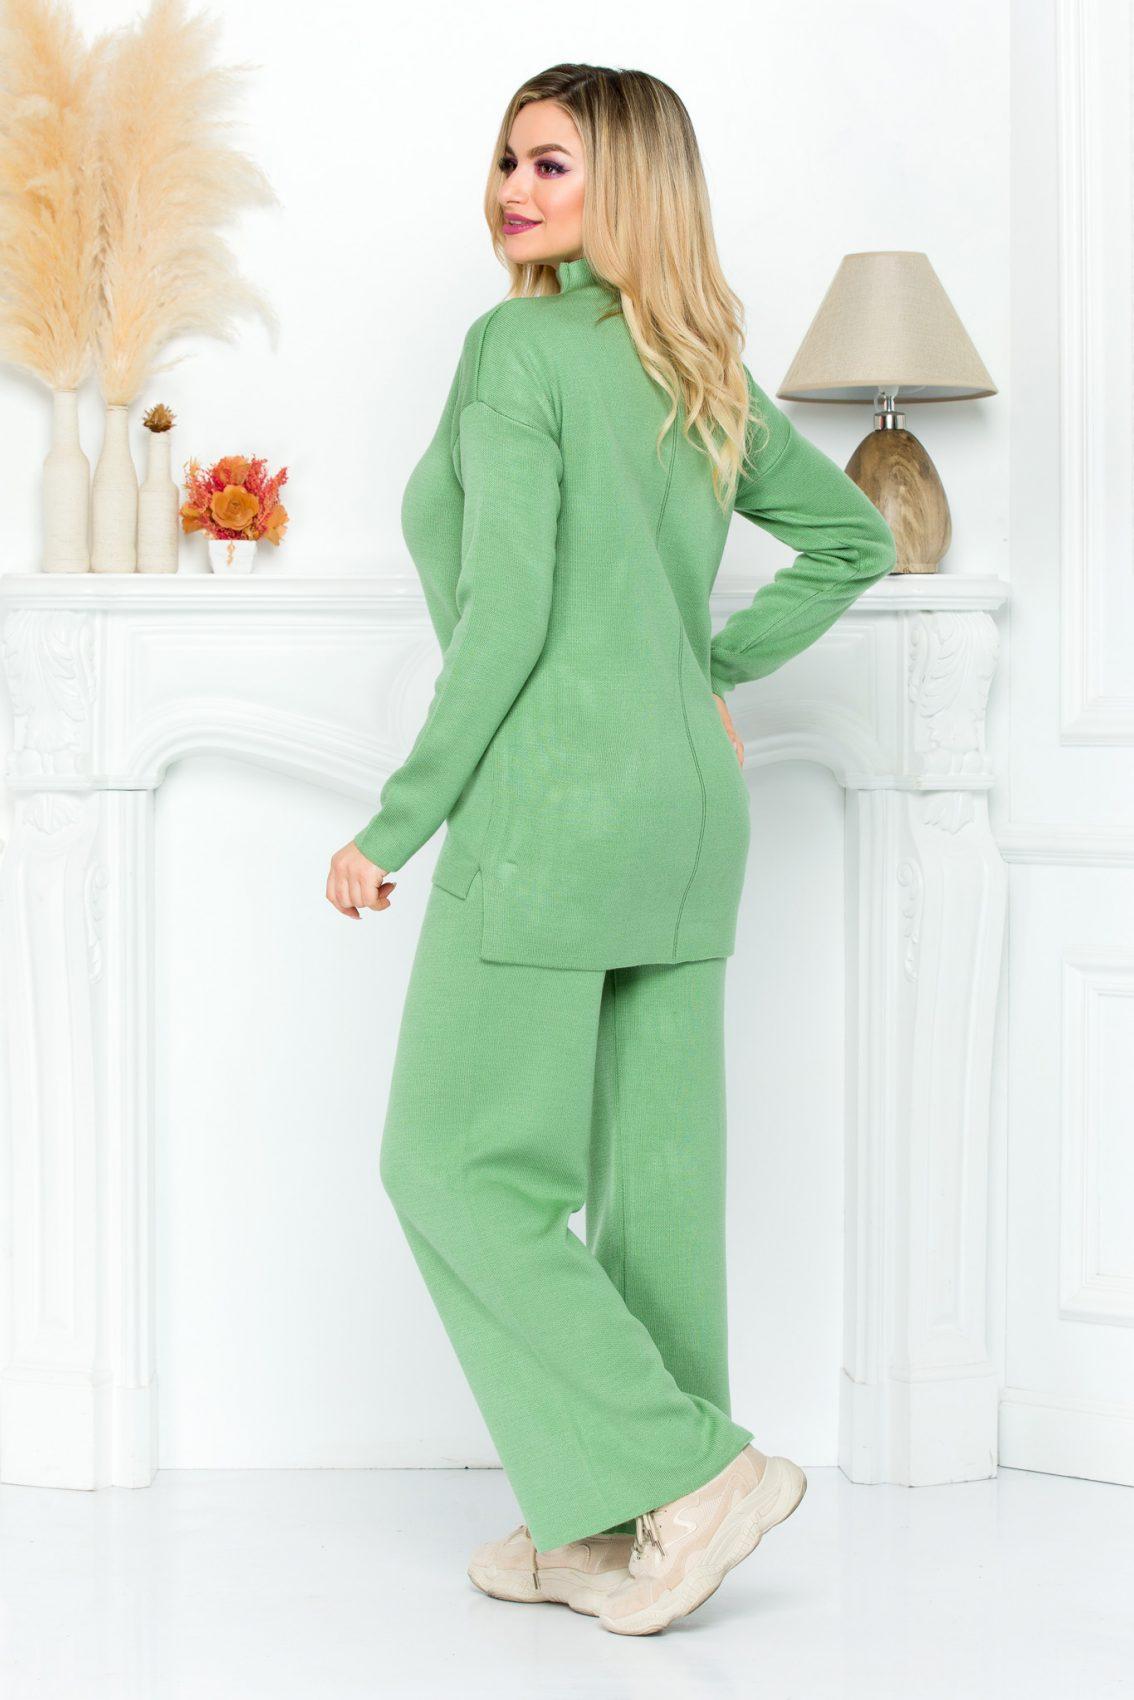 Πράσινο Πλεκτό Σετ Μπλούζα Με Παντελόνι Arabel 9220 1